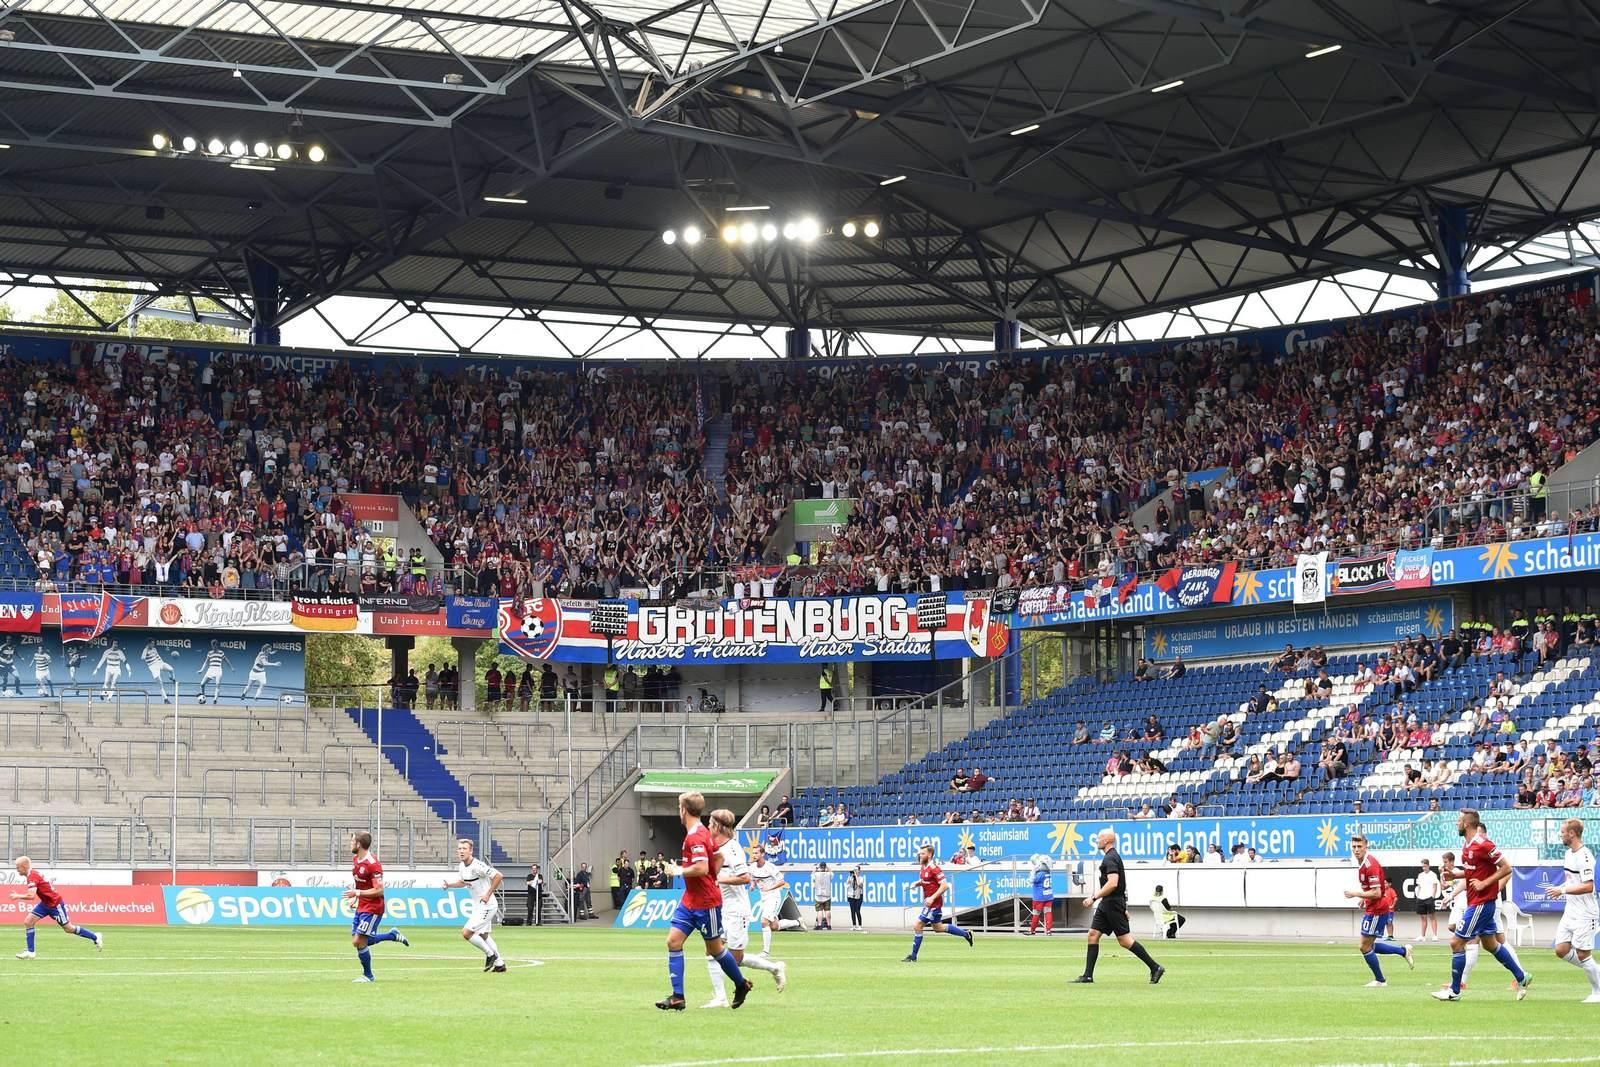 Der KFC Uerdingen in der Duisburger Schauinsland Reisen Arena